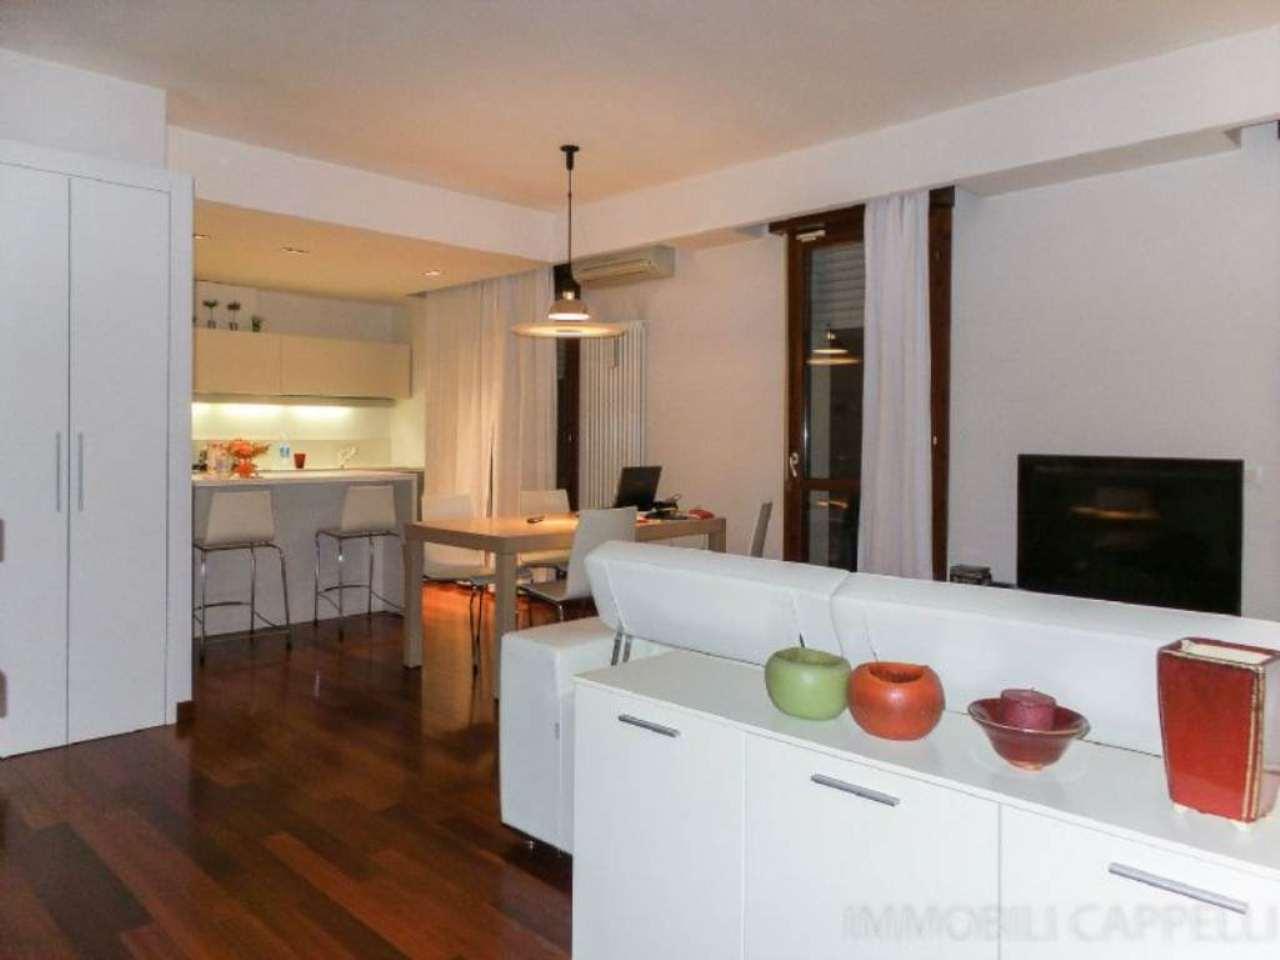 Appartamento in vendita a Cesena, 3 locali, prezzo € 215.000 | CambioCasa.it